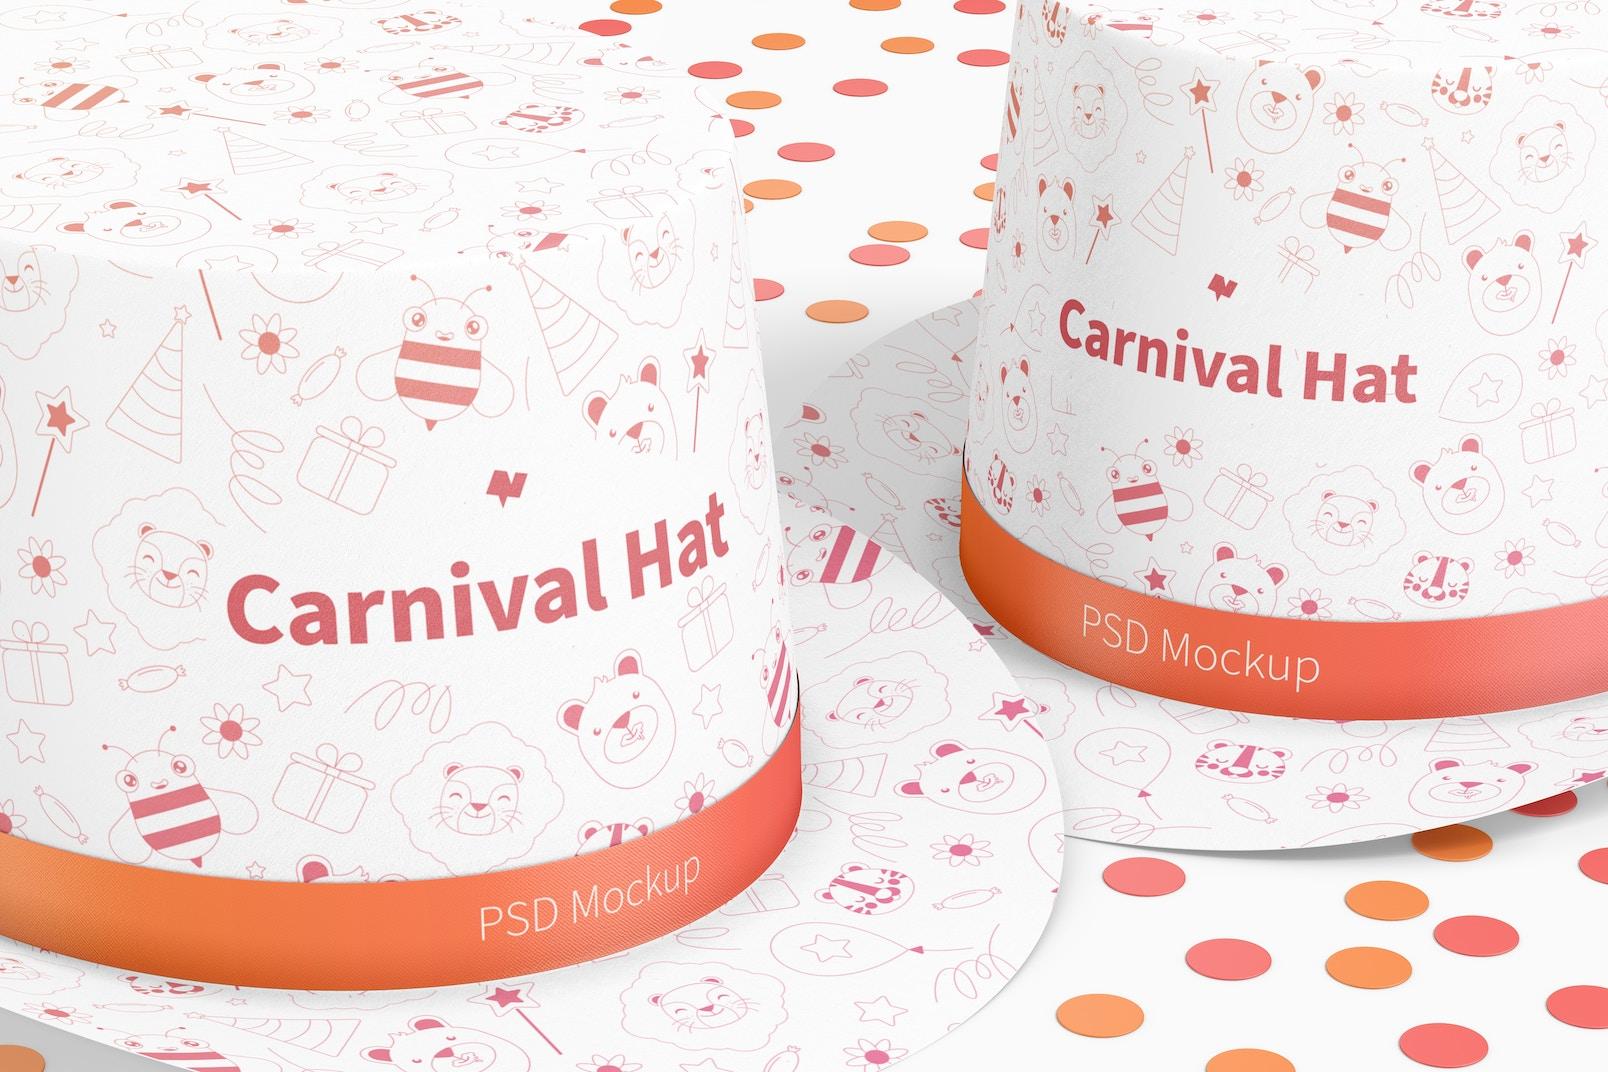 Carnival Hat Mockup, Close Up